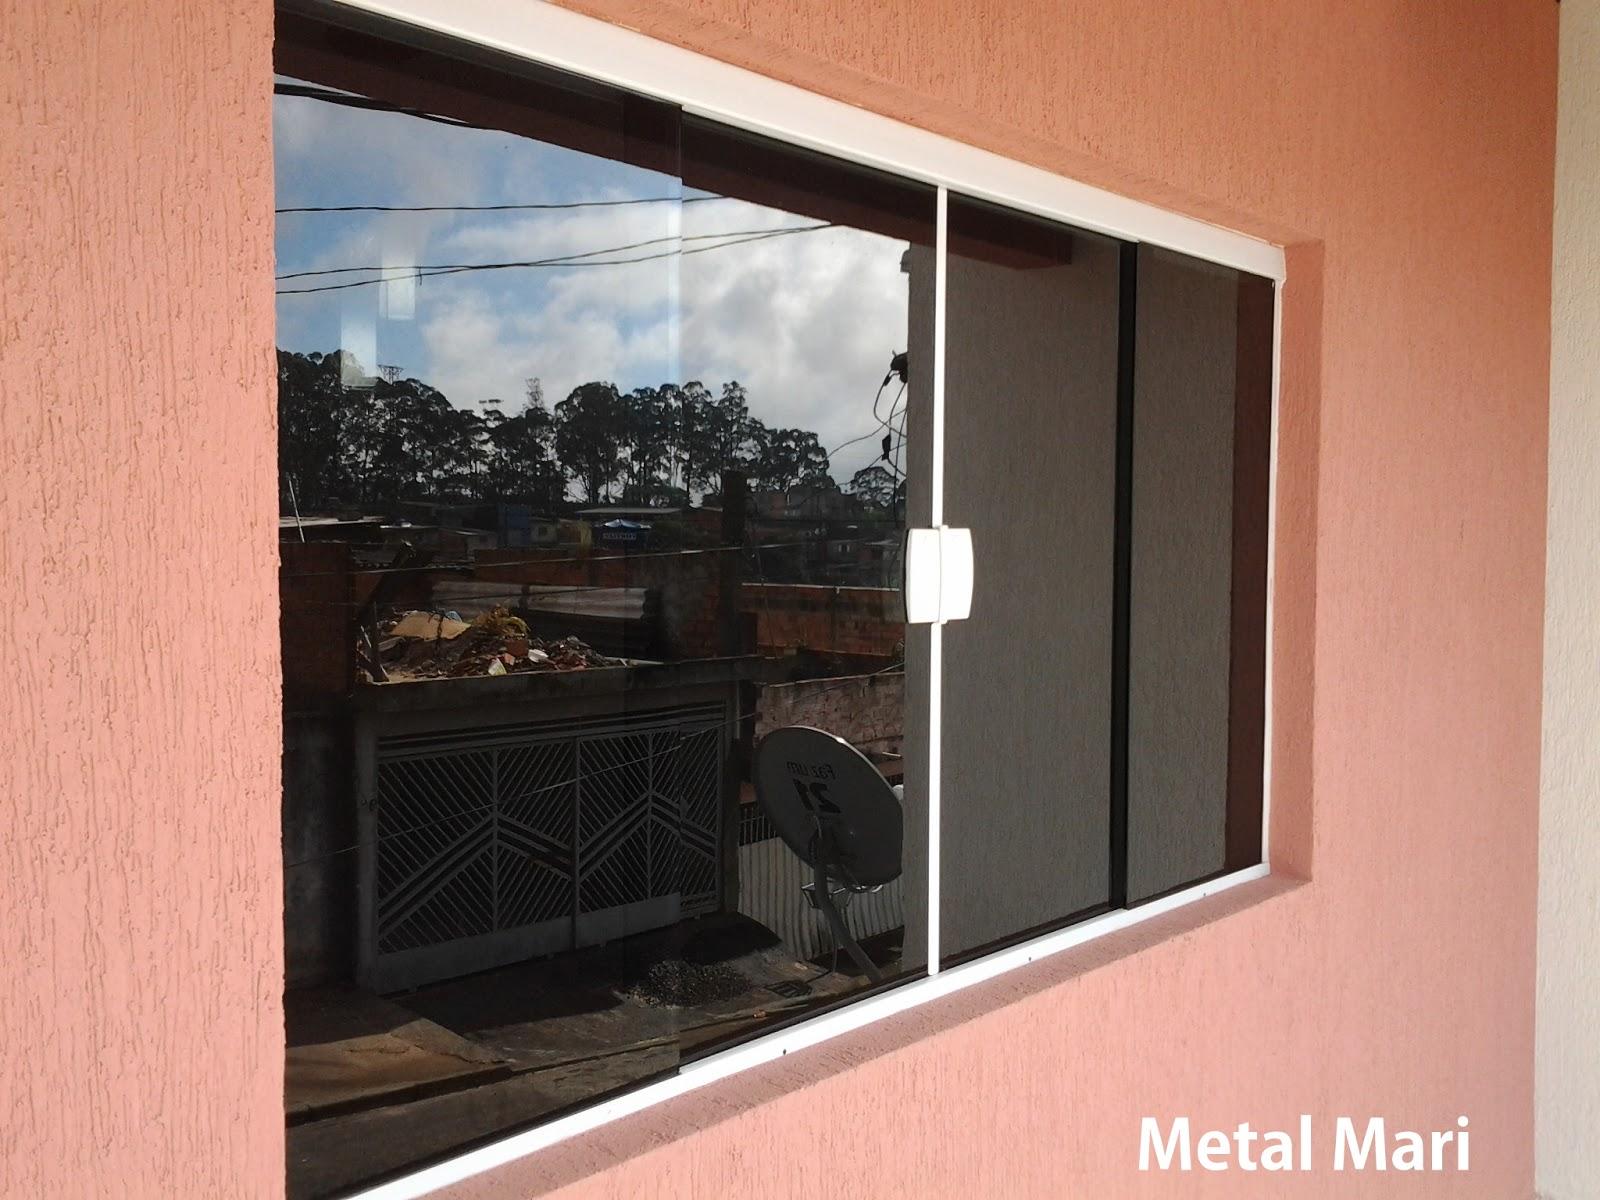 #A93D22 Metal Mari Esquadrias : Vitro de vidro fumê temperado 8 mm (Metal  2004 Janela De Aluminio Vidro Fume